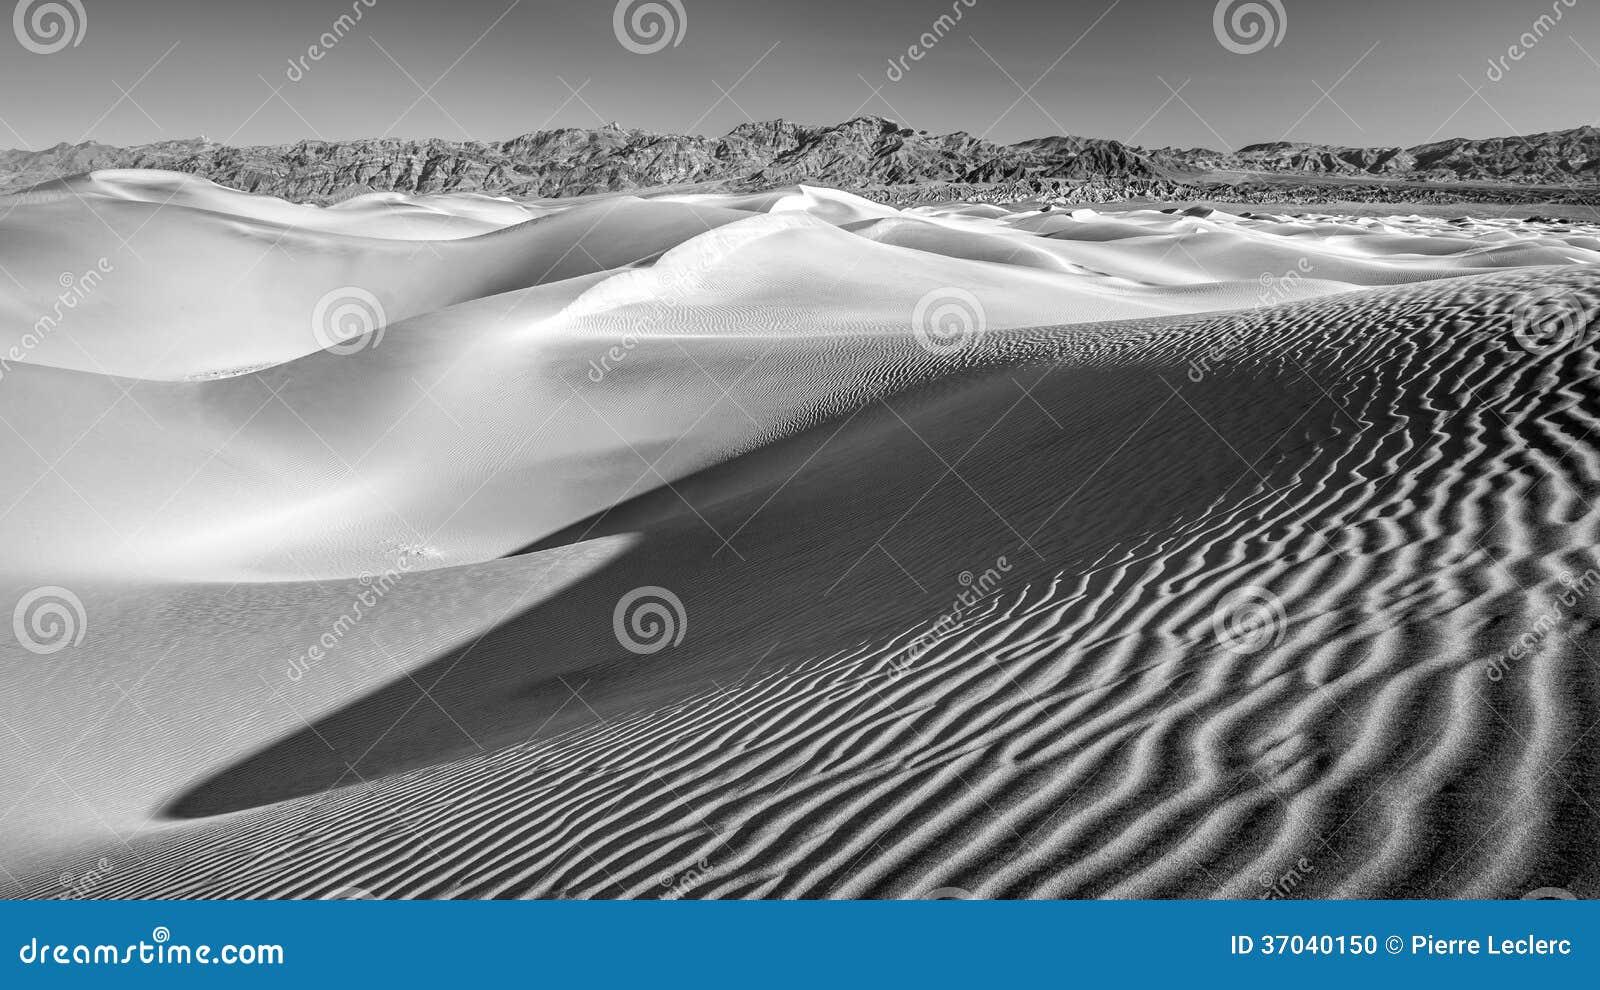 Dunas de arena del desierto en no2 blanco y negro